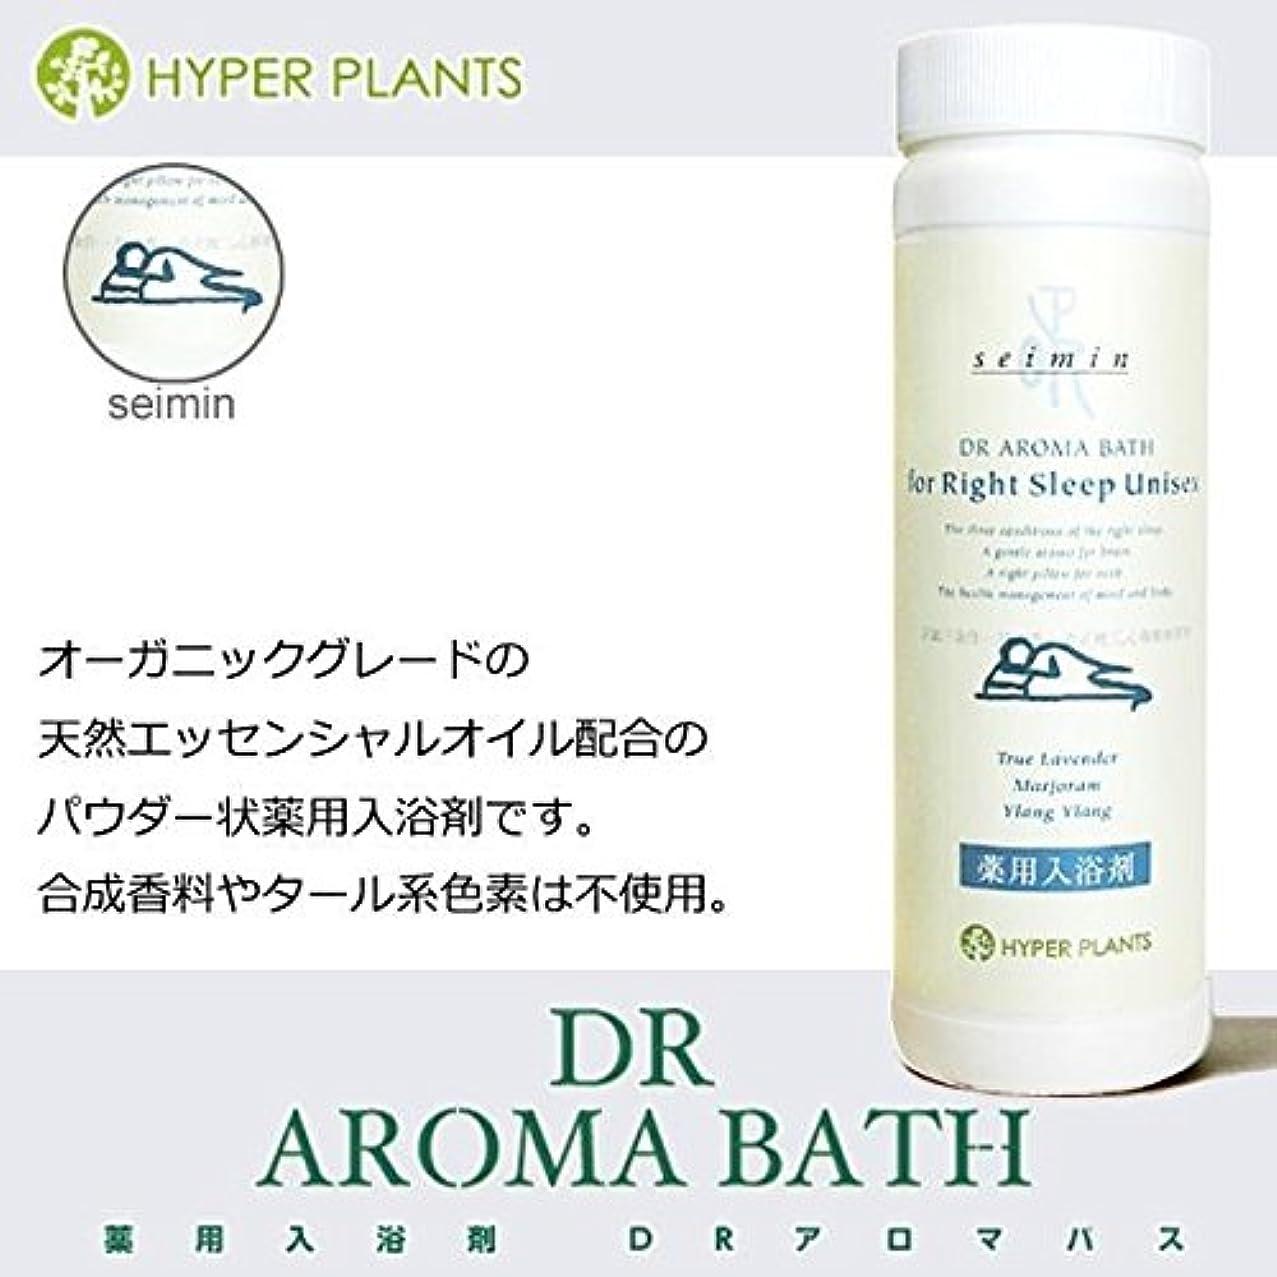 北東真鍮遠え医薬部外品 薬用入浴剤 ハイパープランツ(HYPER PLANTS) DRアロマバス 正眠 500g HYB023